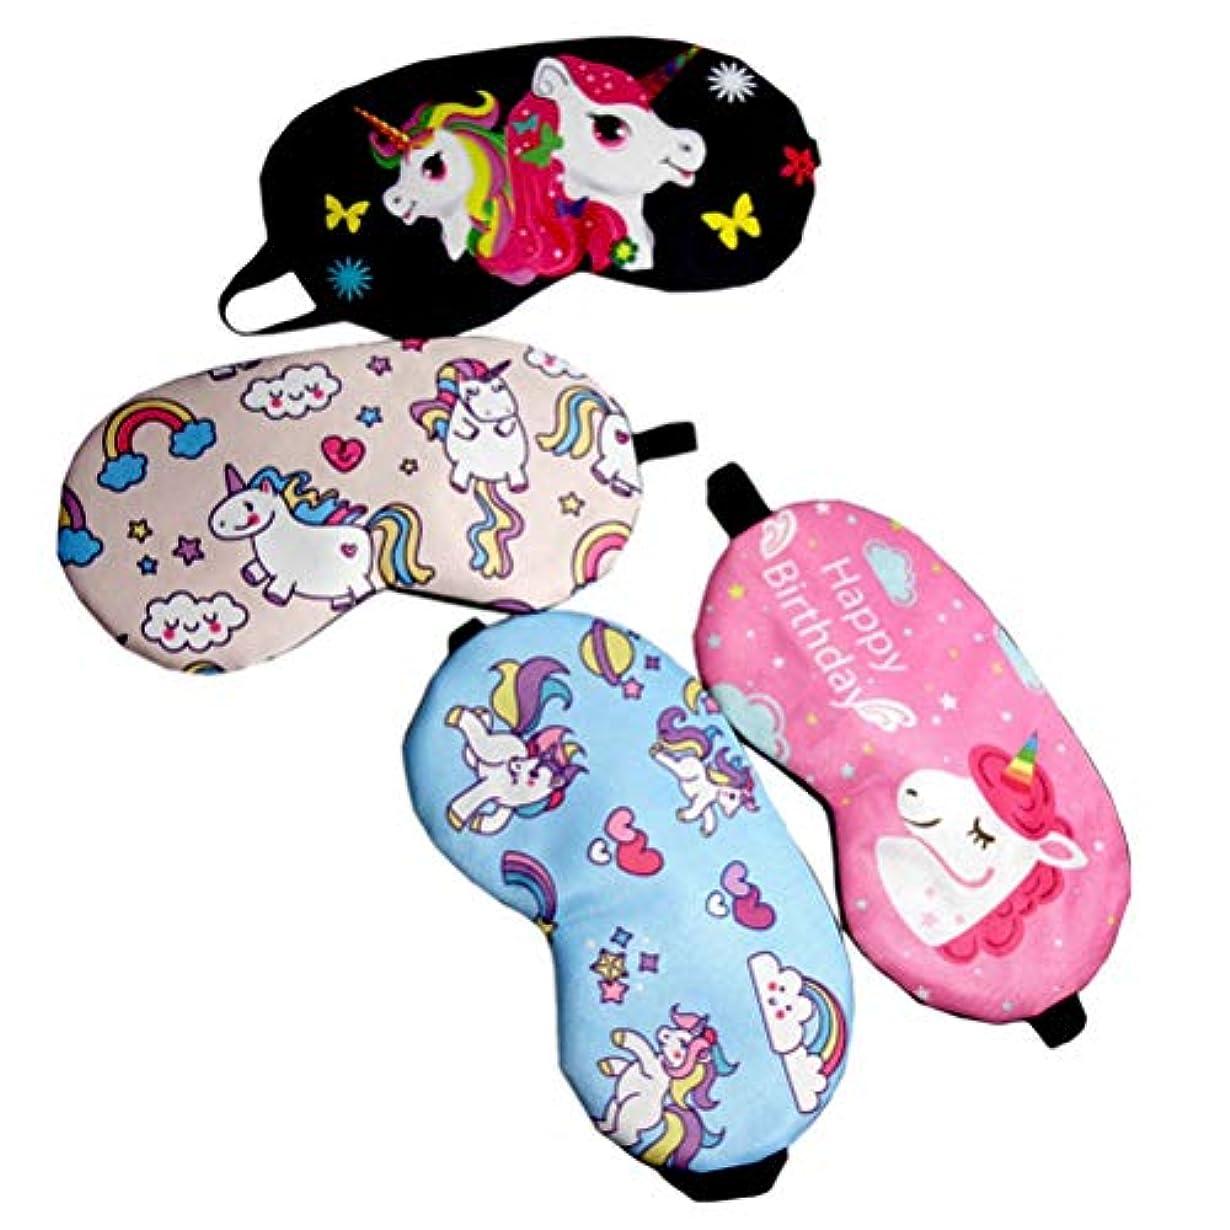 曲線欠かせない意志に反する子供のためのBeaupretty 4PCSユニコーン睡眠マスクカバー軽量目隠しソフトアイマスク(ブラック+ローズレッド+ライトピンク+ライトブルー)